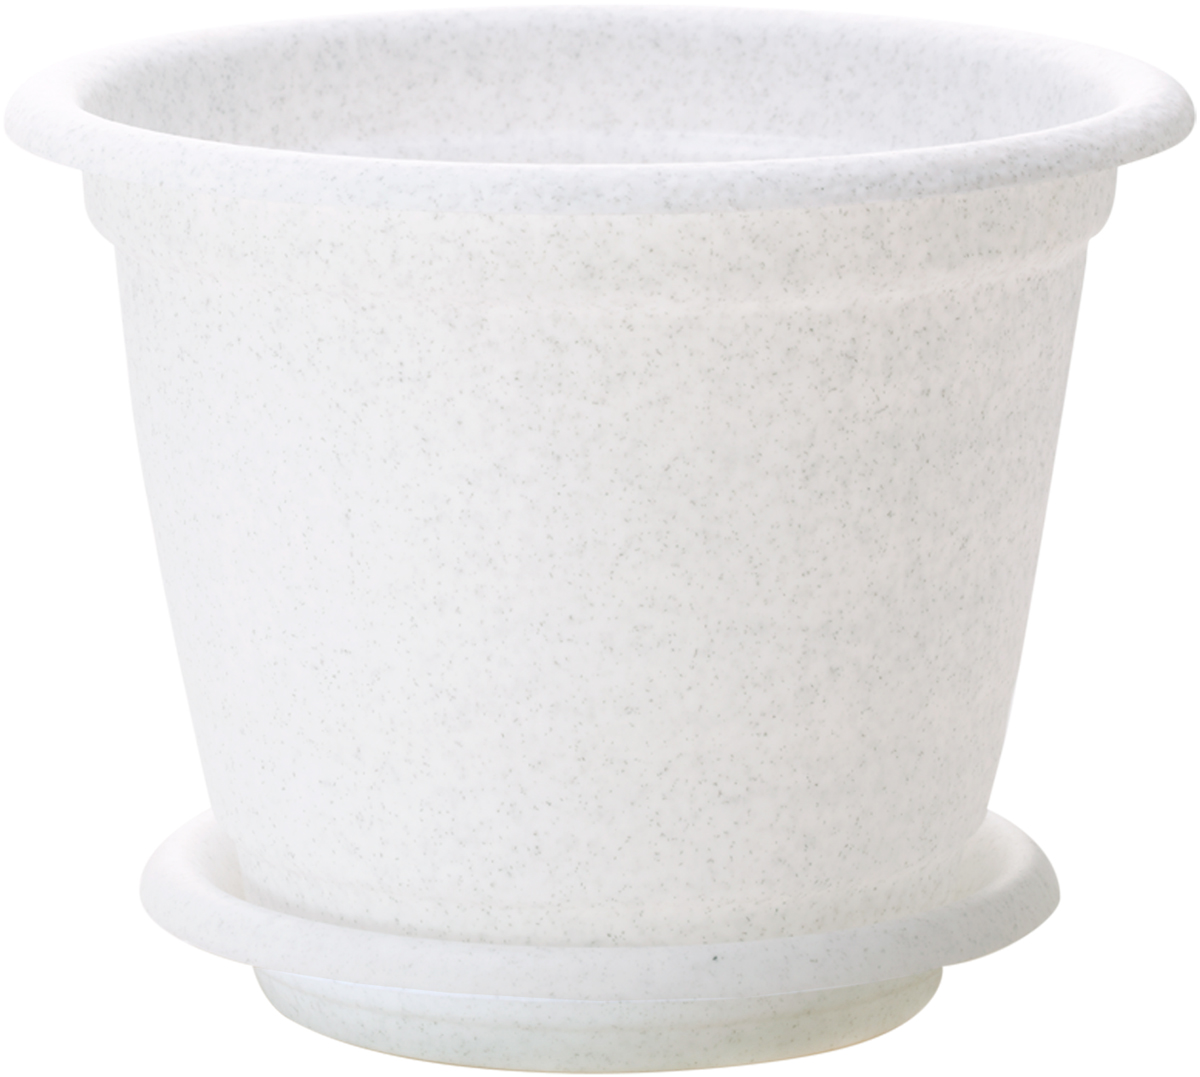 Горшок для цветов InGreen Натура, с поддоном, цвет: мраморный, диаметр 14 см поддон для балконного ящика ingreen цвет белый длина 60 см